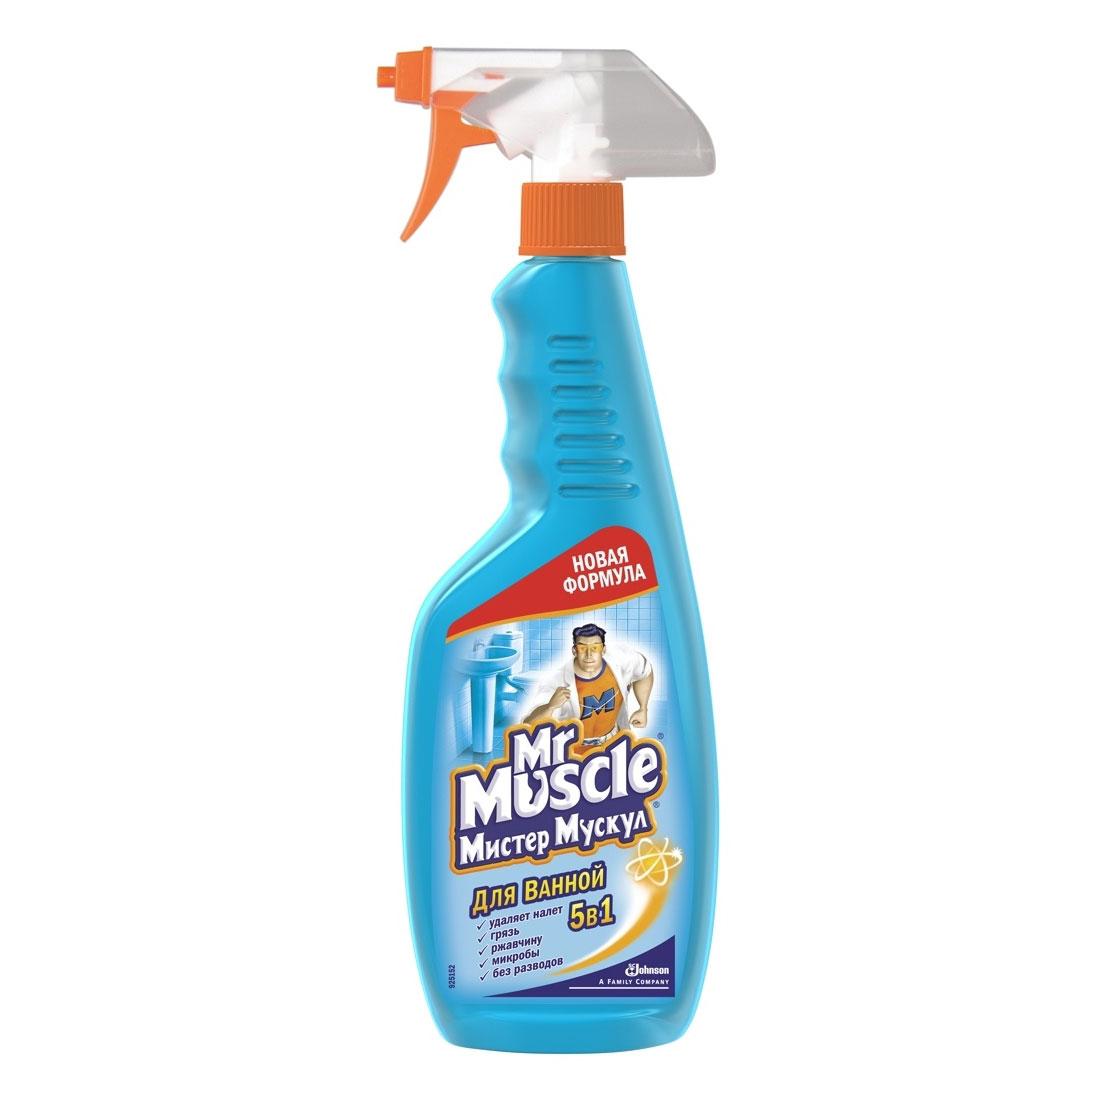 Чистящее средство Мистер Мускул Для ванной 5 в 1 (МИСТЕР МУСКУЛ)